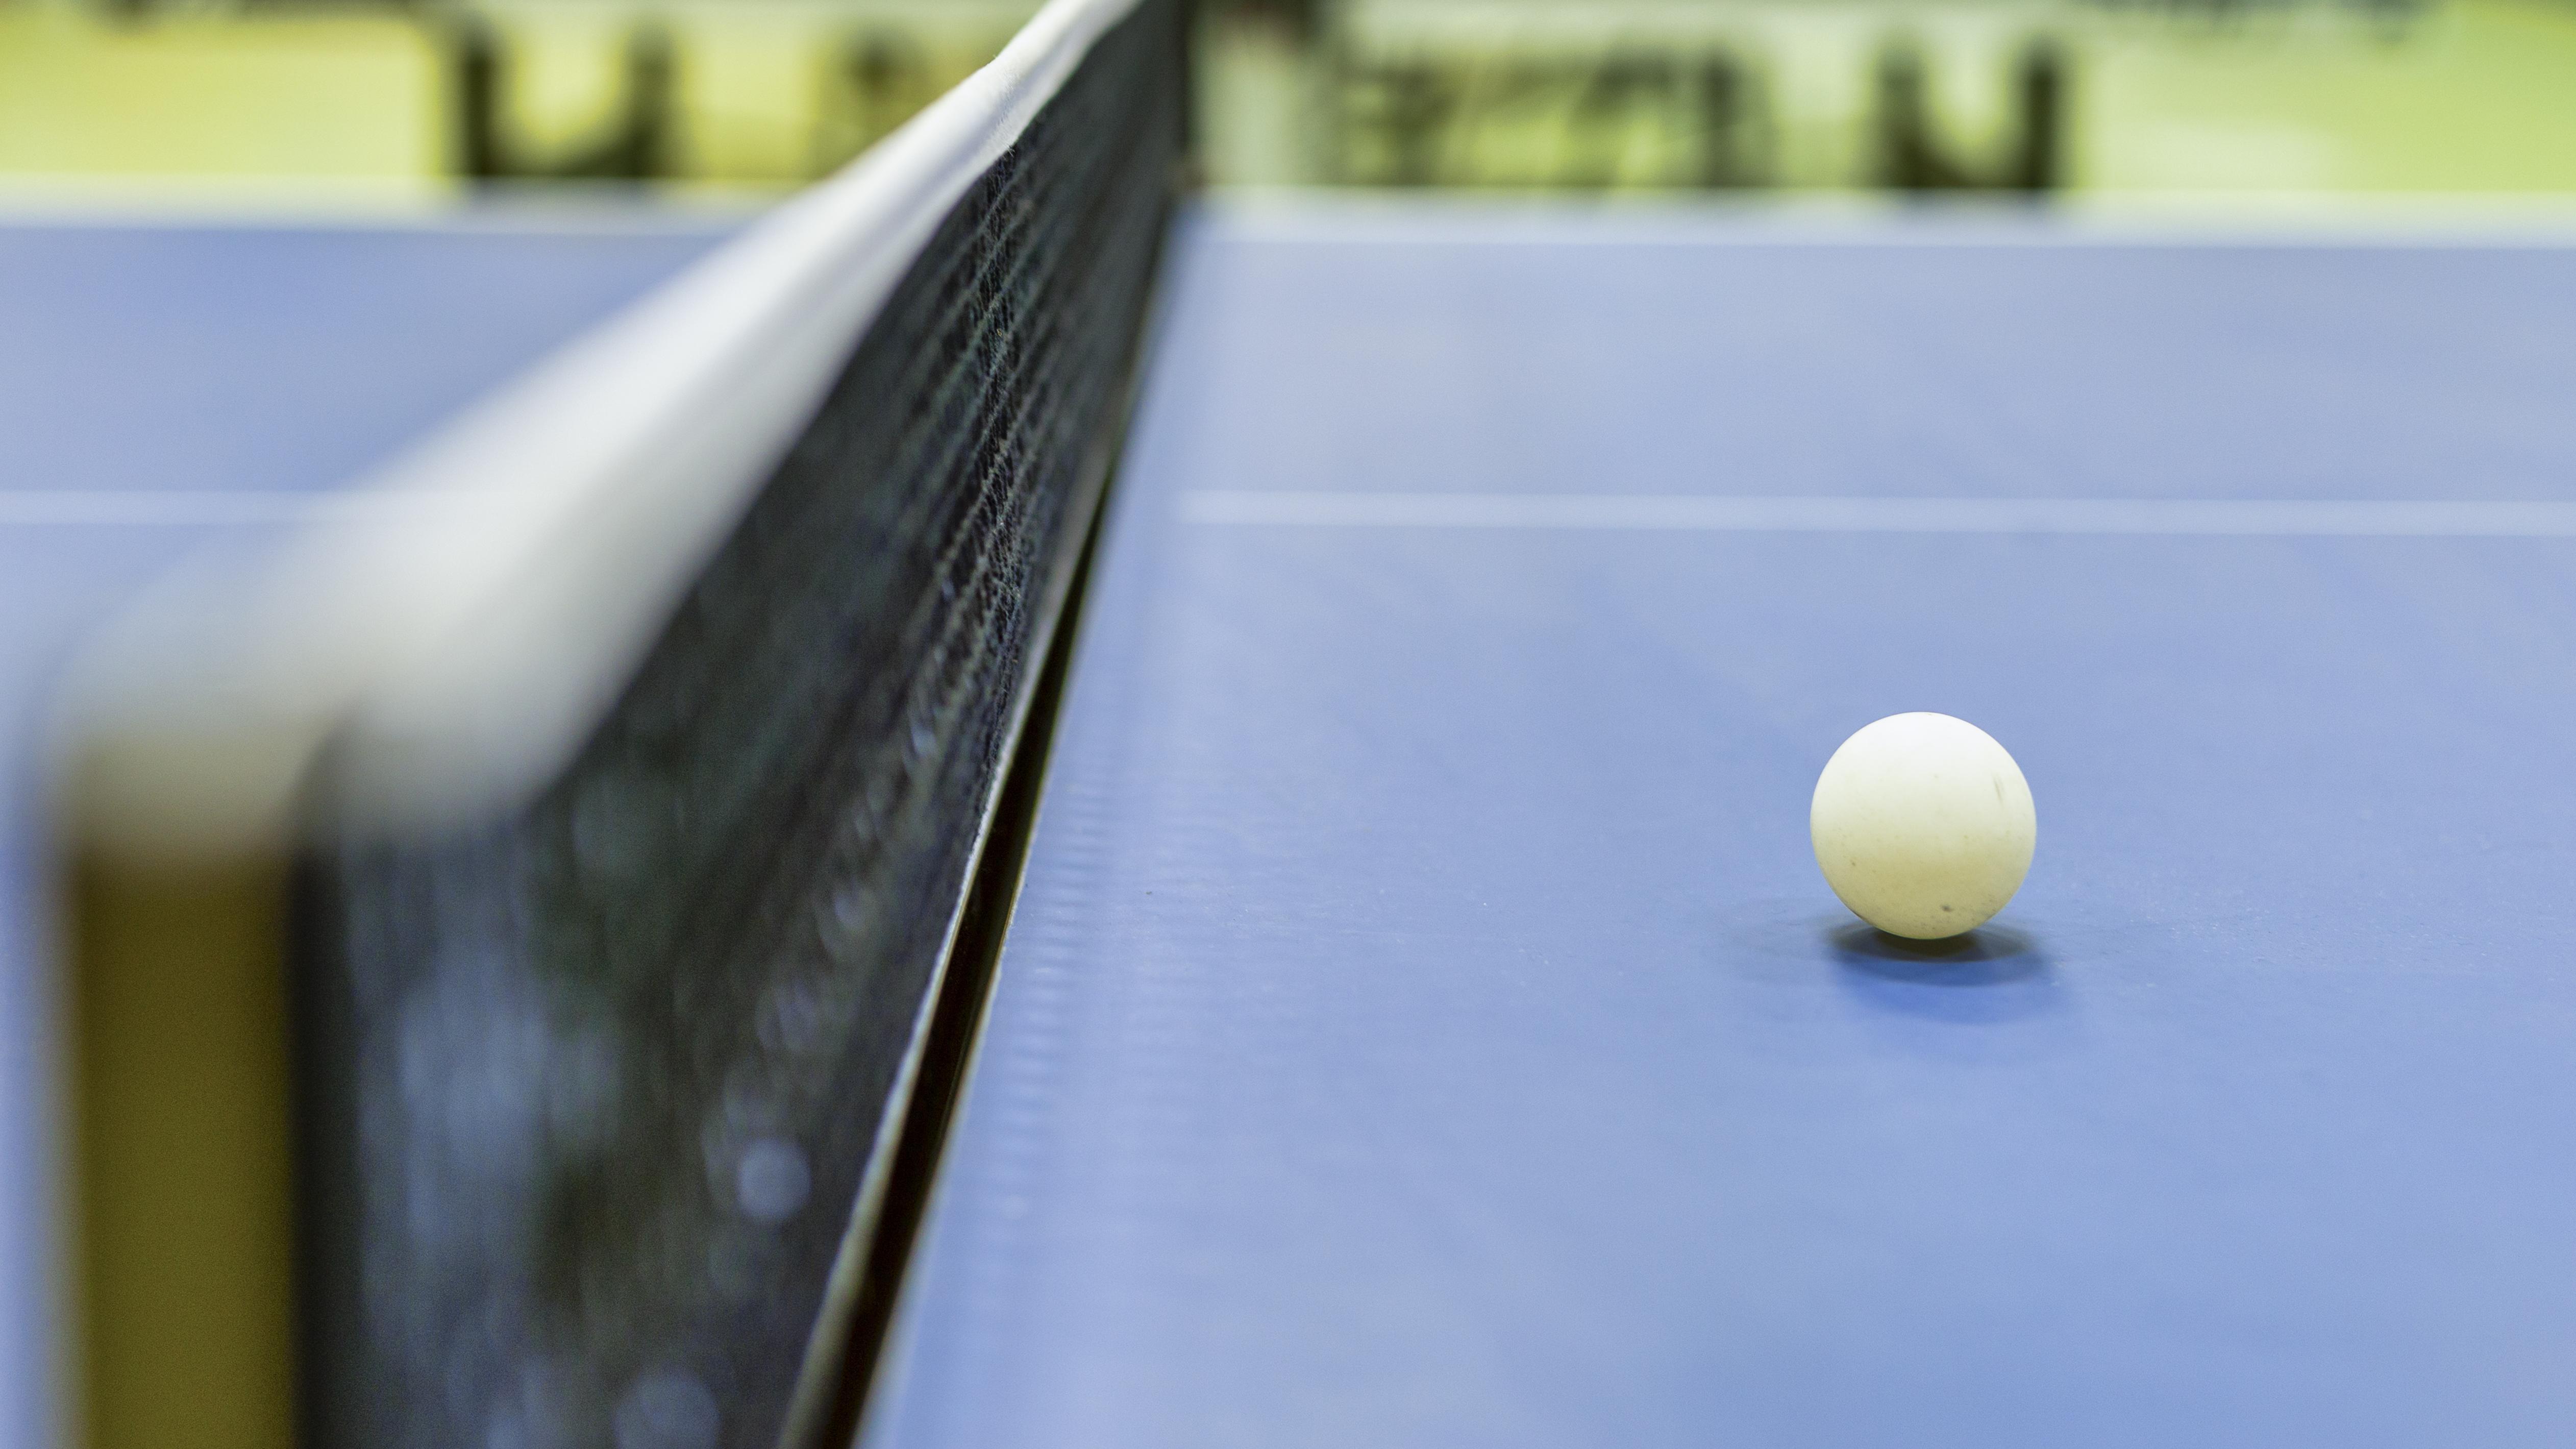 Tischtennis-Spiele: Wasserball mit Tischtennisbällen